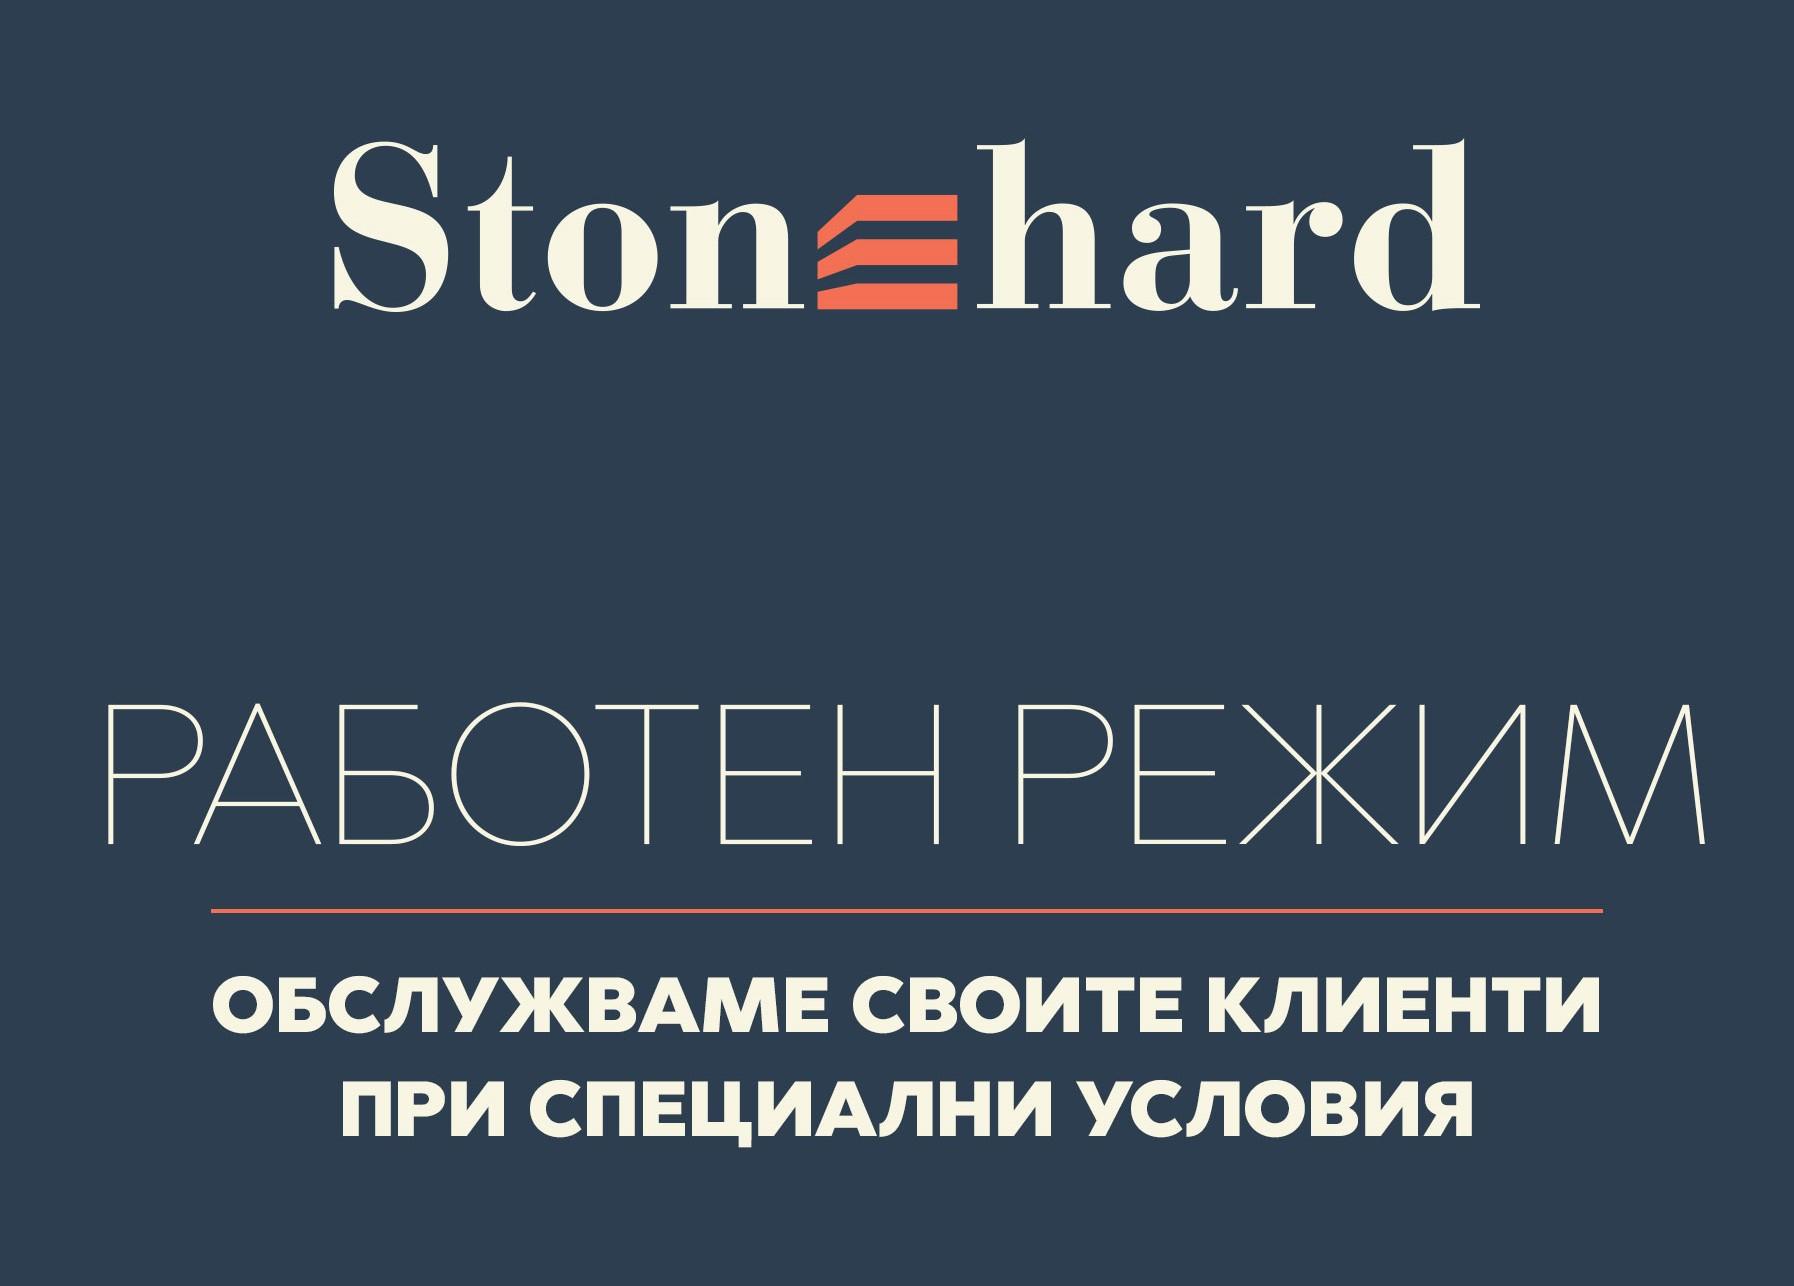 Целият екип на Stonehard работи на пълни обороти в дистанционен режим1 - Stonehard